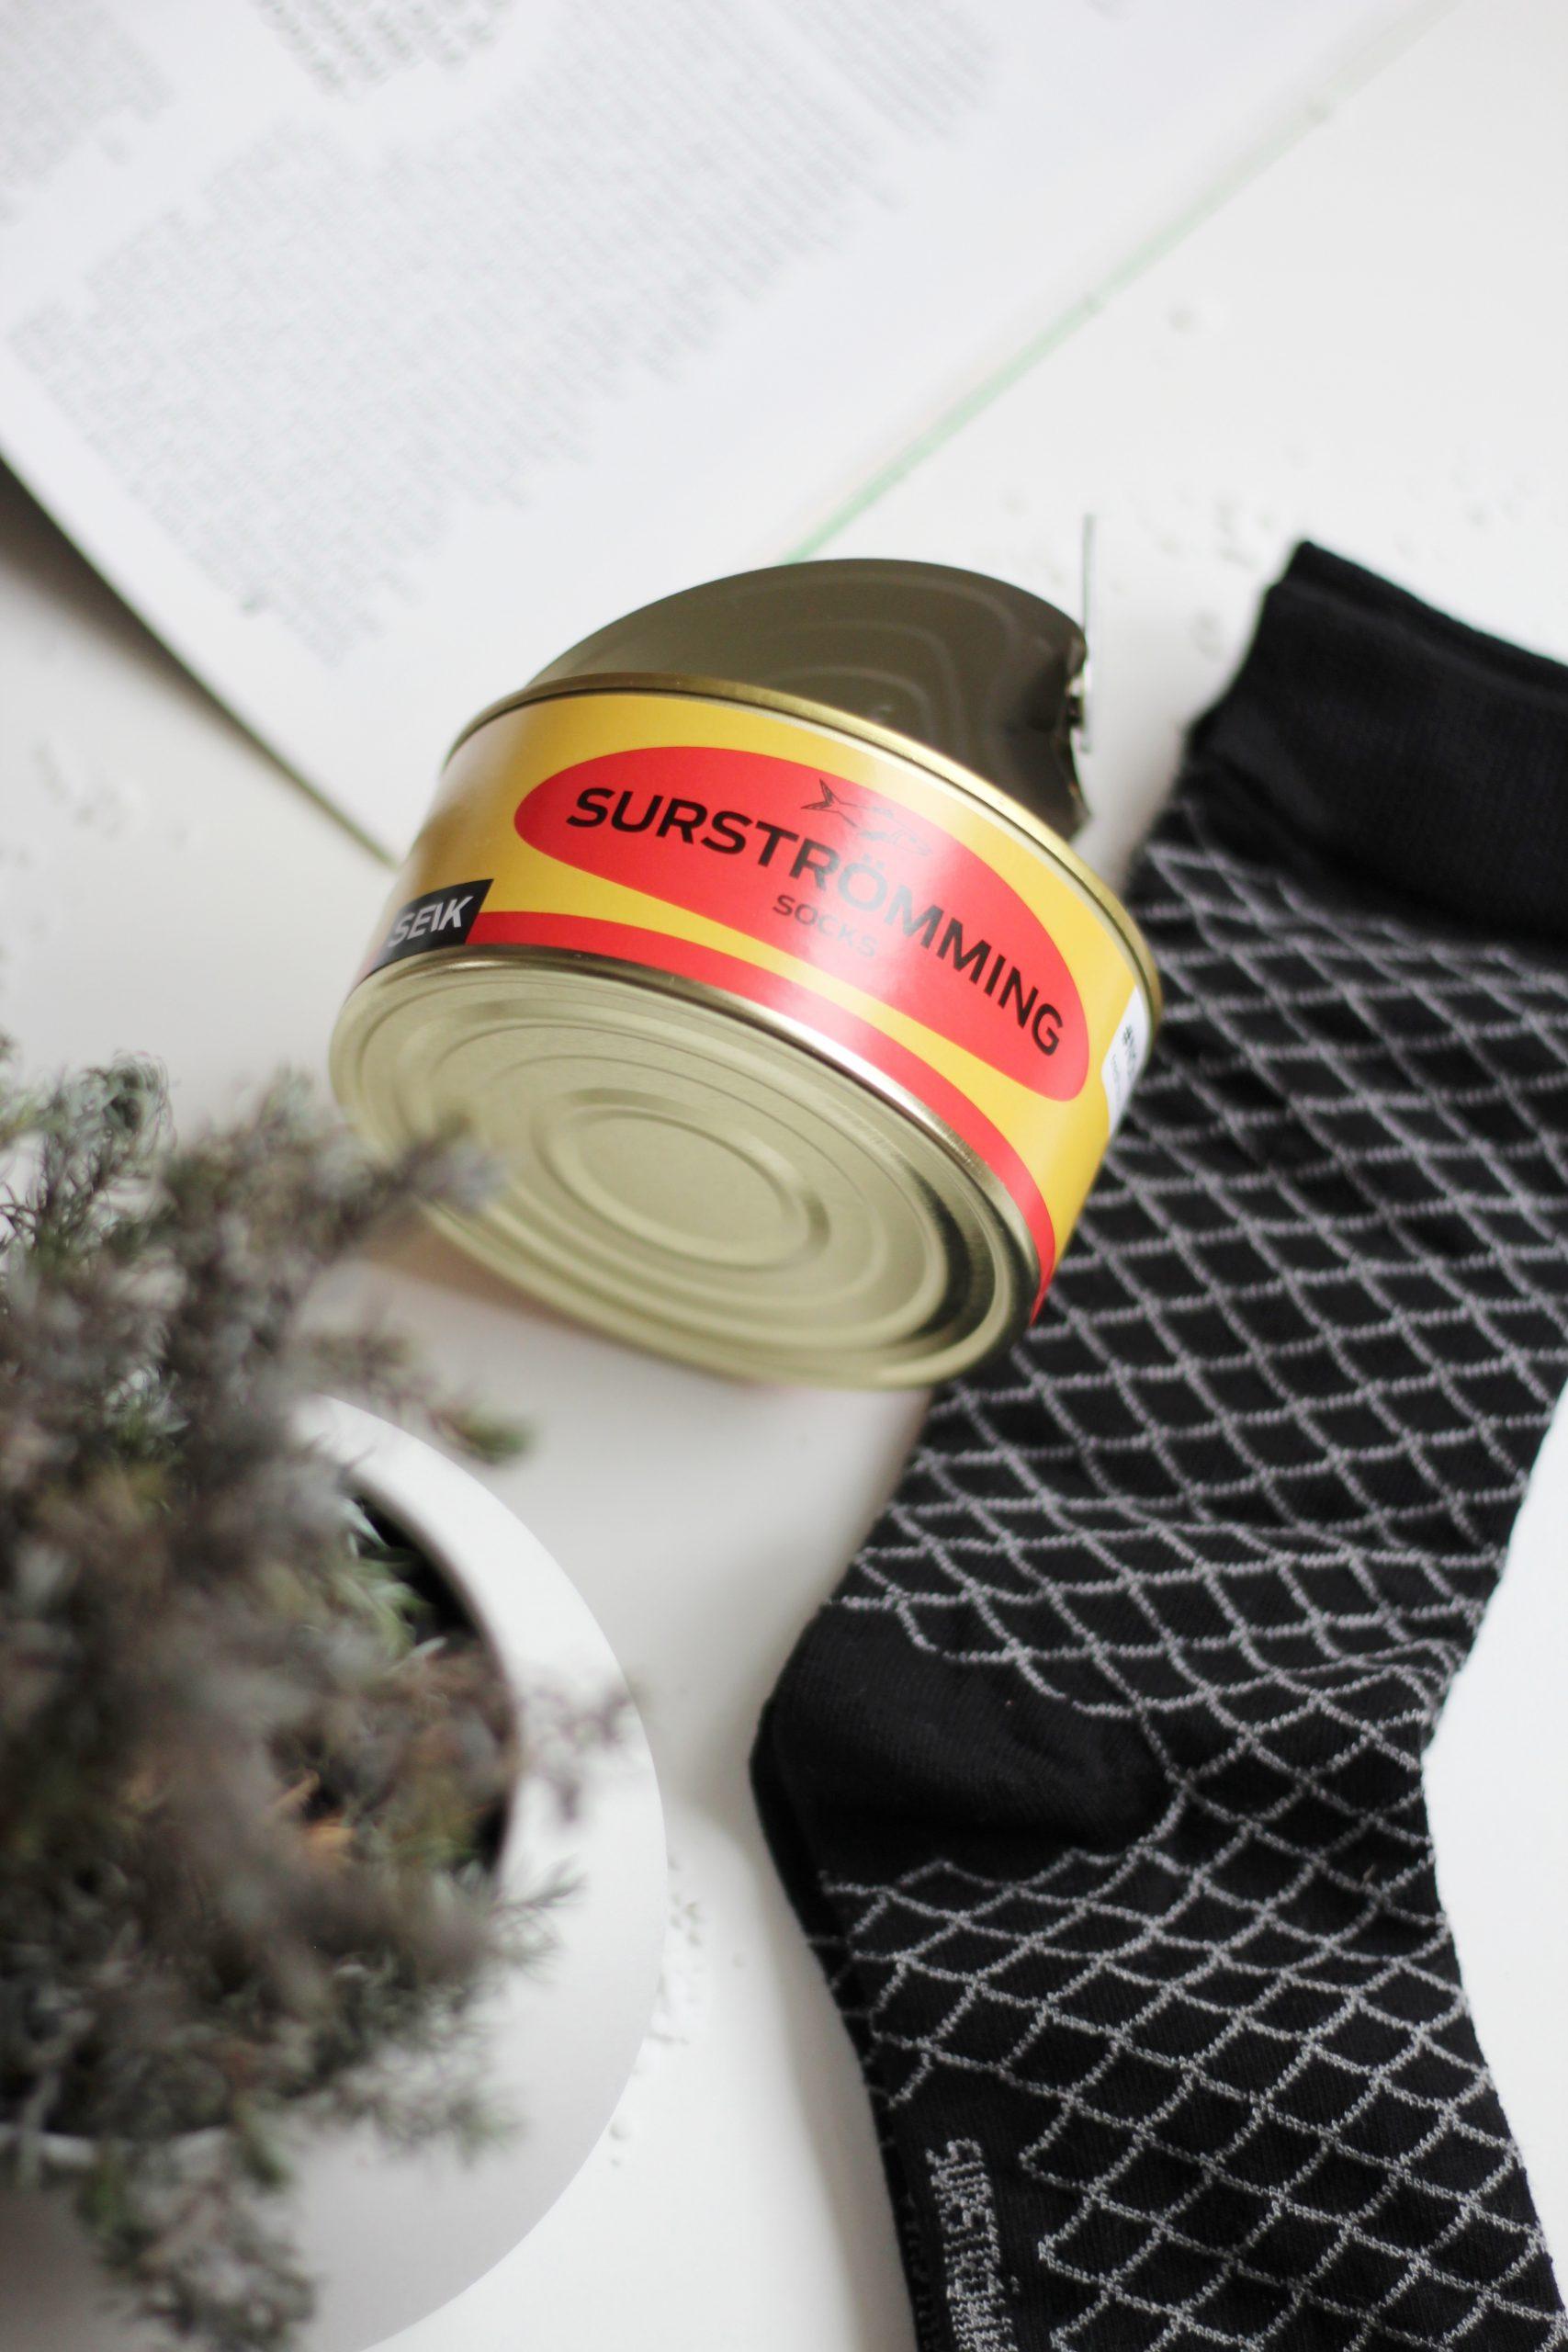 SEIK SURSTRÖMMING CANNED FISH SOCKS #NOFISH (SIZE 40 – 46, MEN)